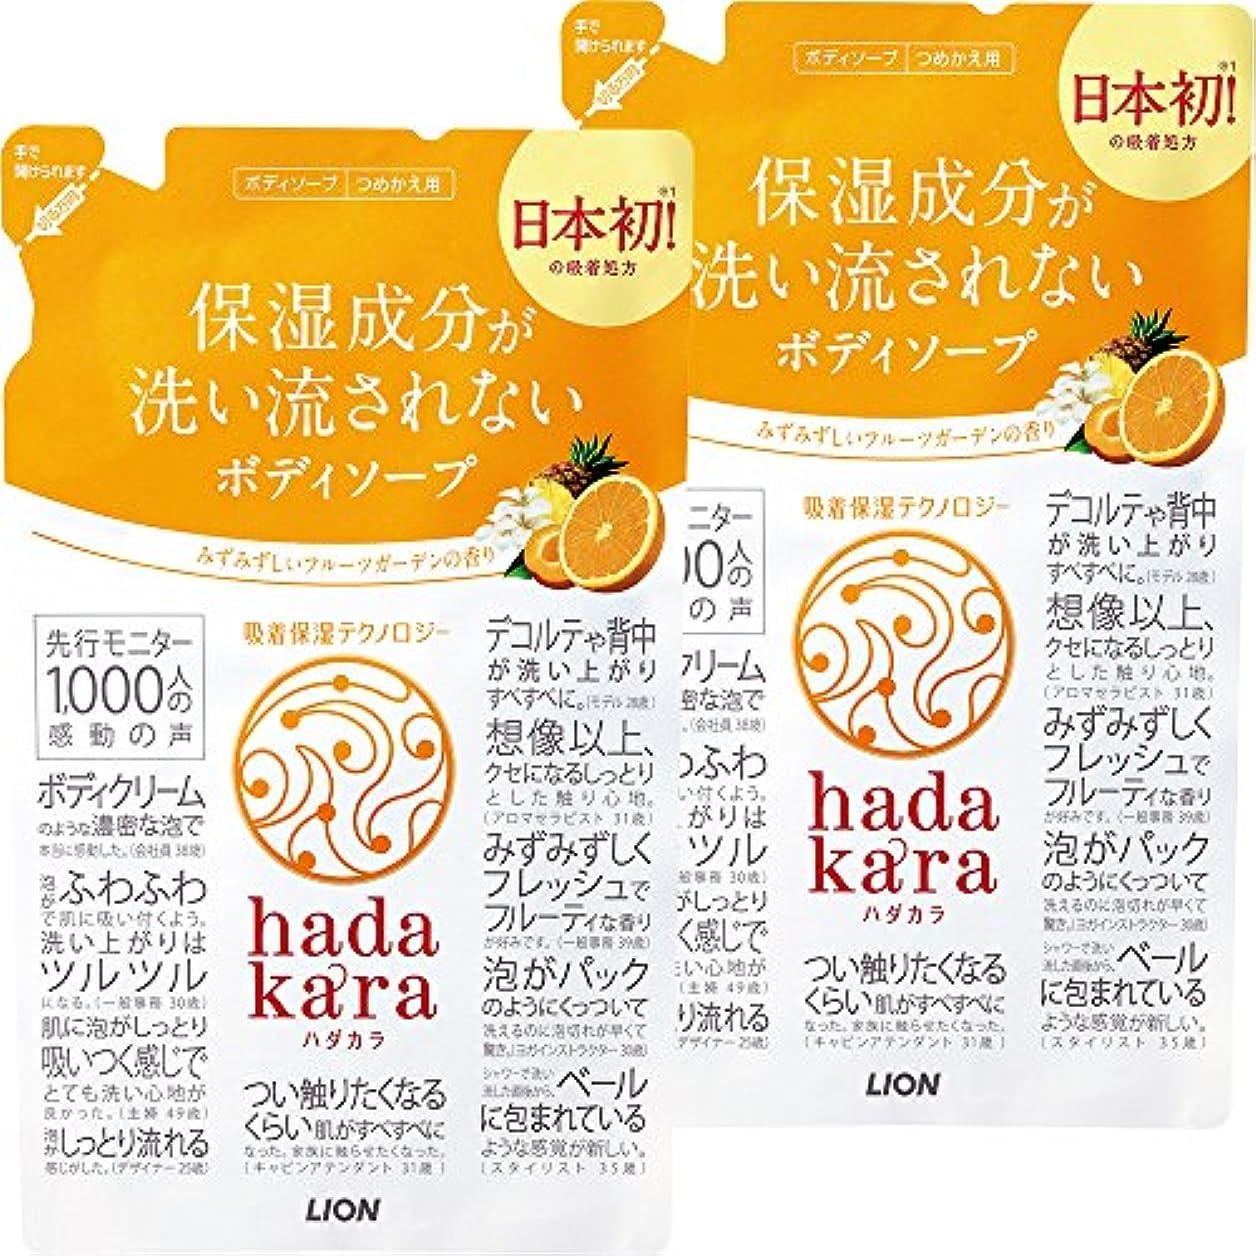 悲鳴ゆり命令的【まとめ買い】hadakara(ハダカラ) ボディソープ フルーツガーデンの香り 詰め替え 360ml×2個パック